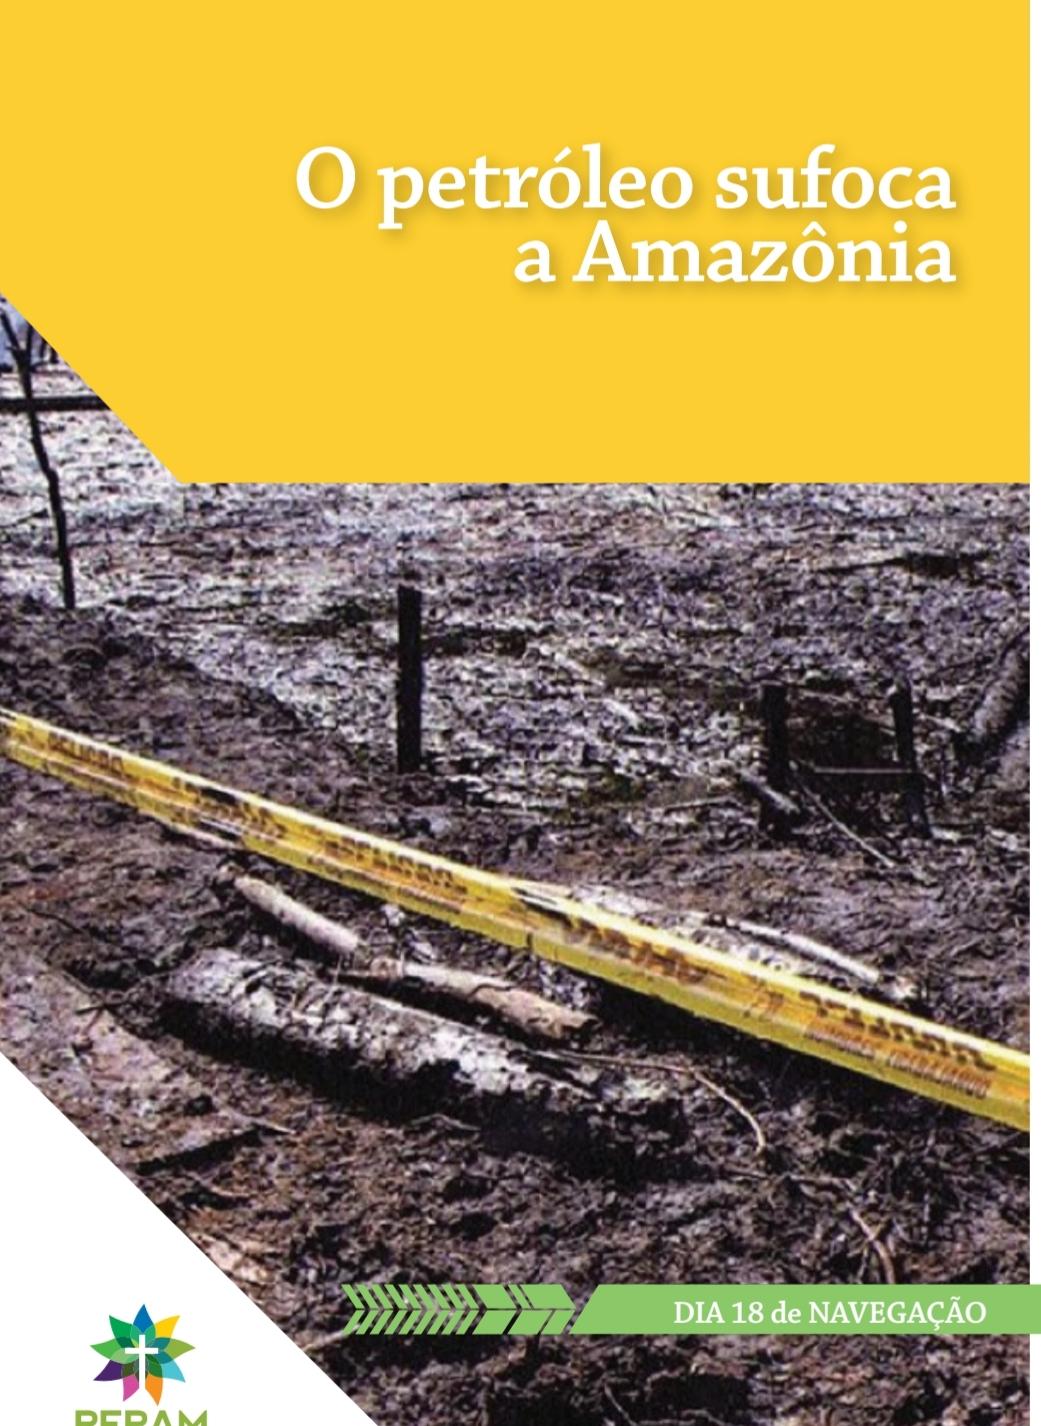 40 DIAS PELO RIO: NAVEGANDO JUNTOS A BOA NOVA DE DEUS A CAMINHO DO SINODO AMAZÔNICO. DIA 18 de NAVEGAÇÃO